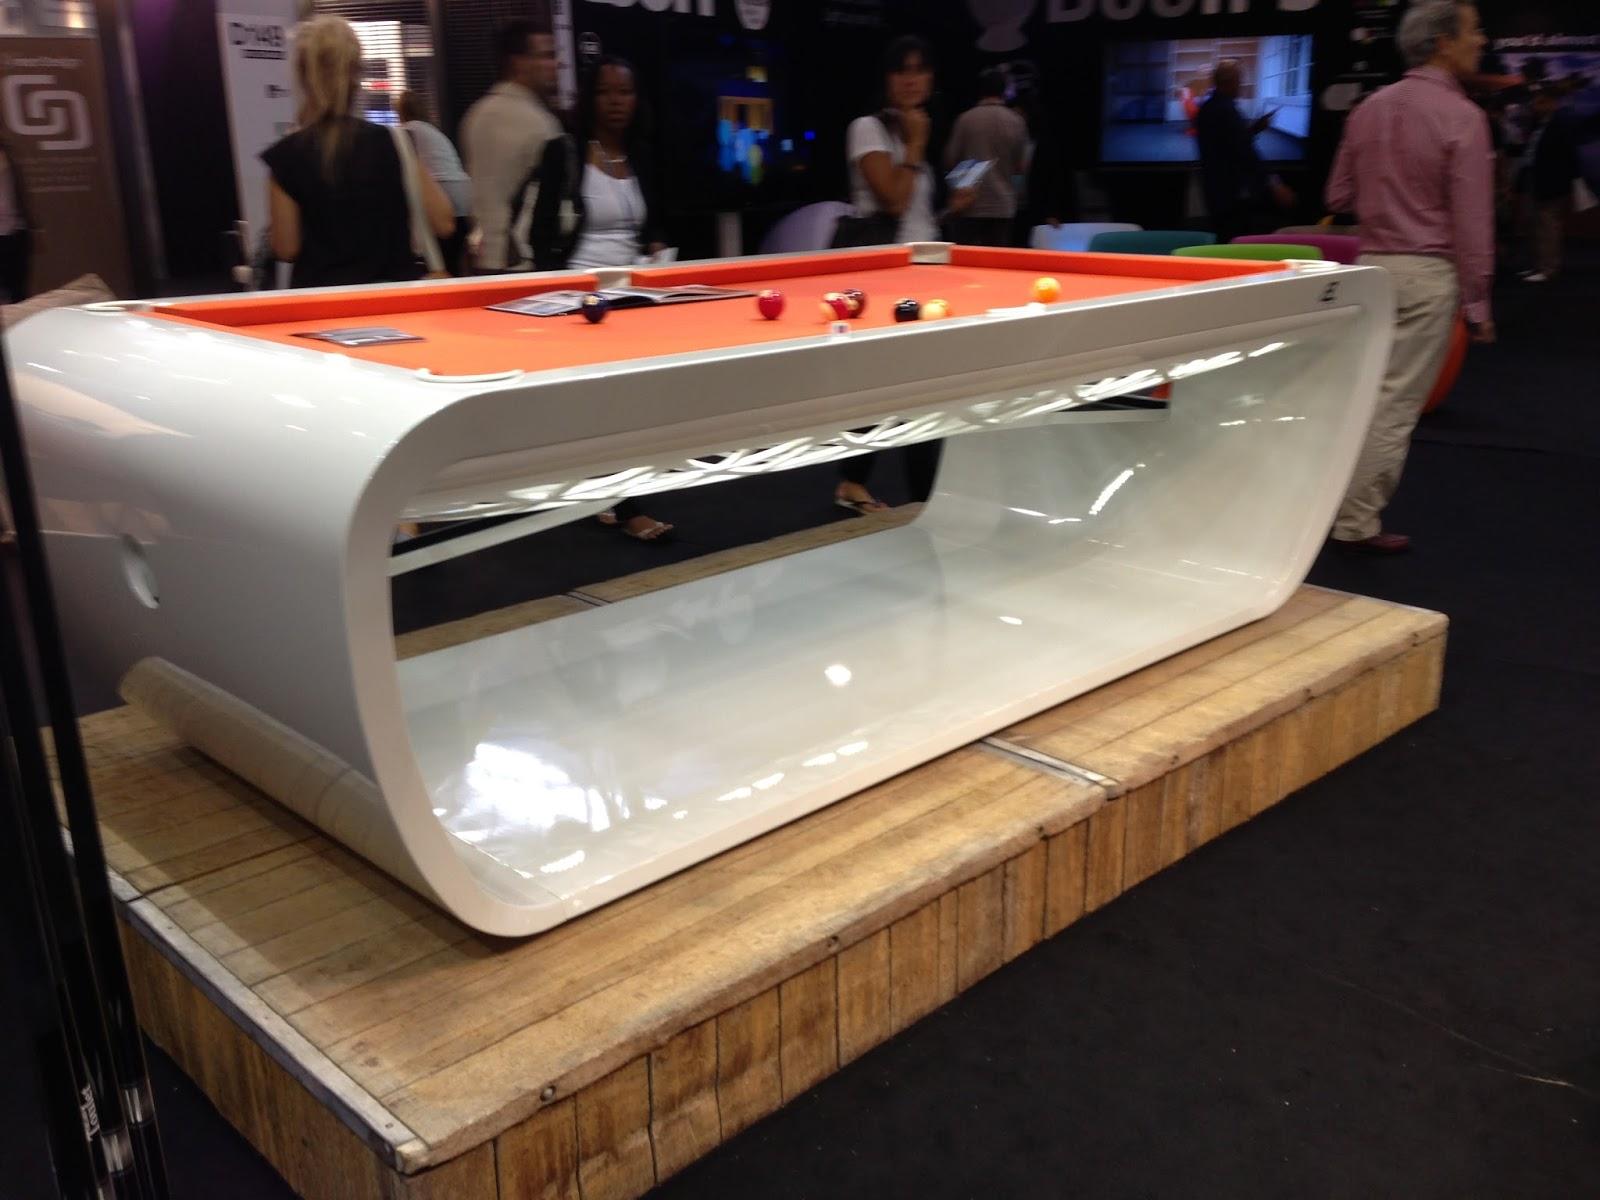 ... Billiard Tables | Full size is 1600  1200 pixels